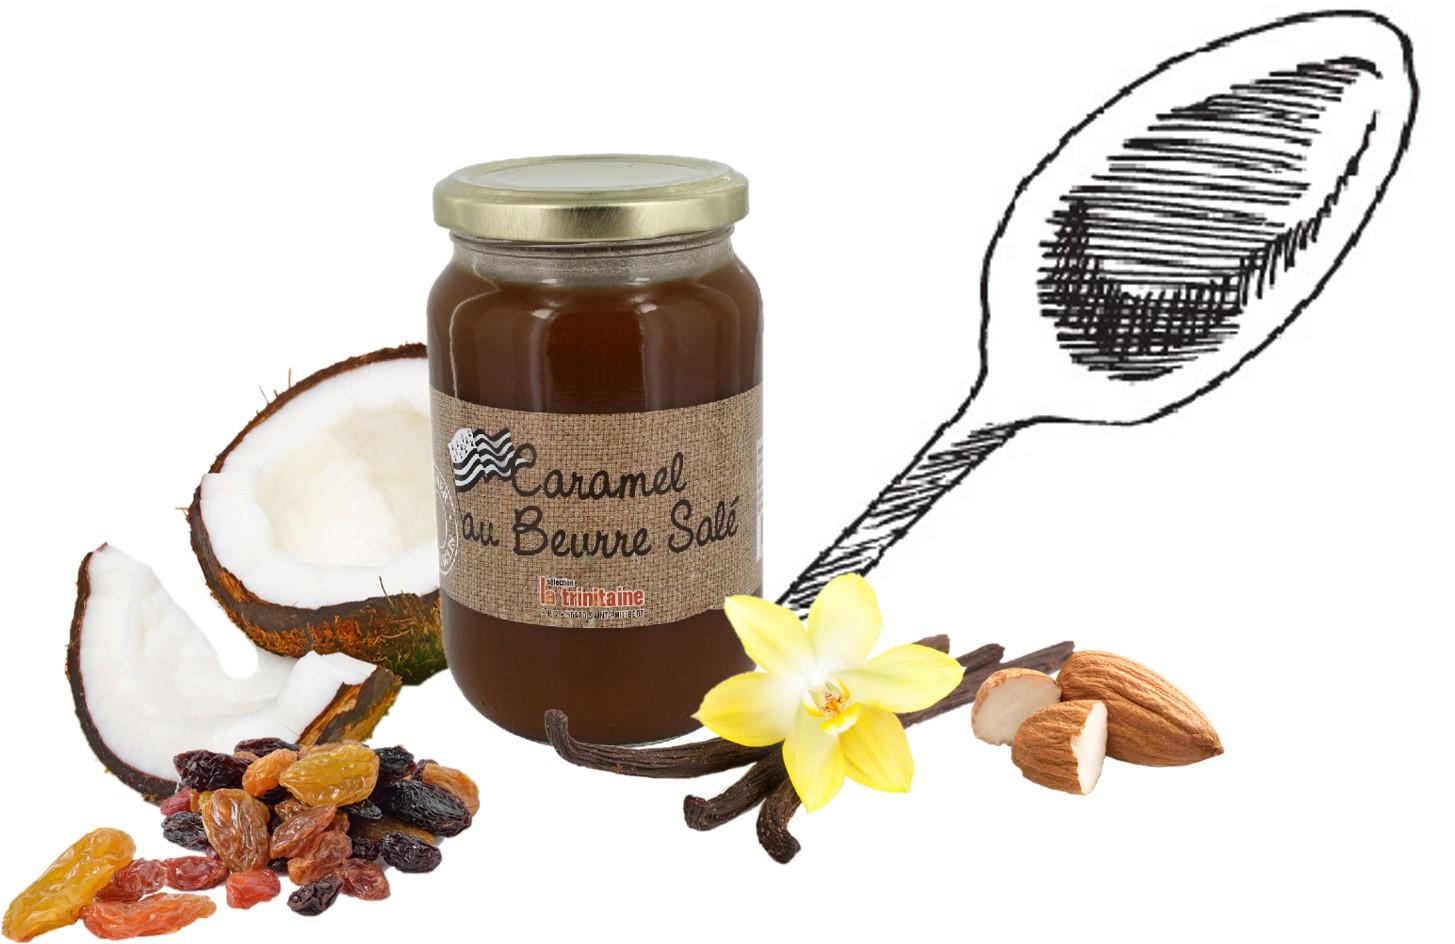 Caramel au beurre salé la Trinitaine